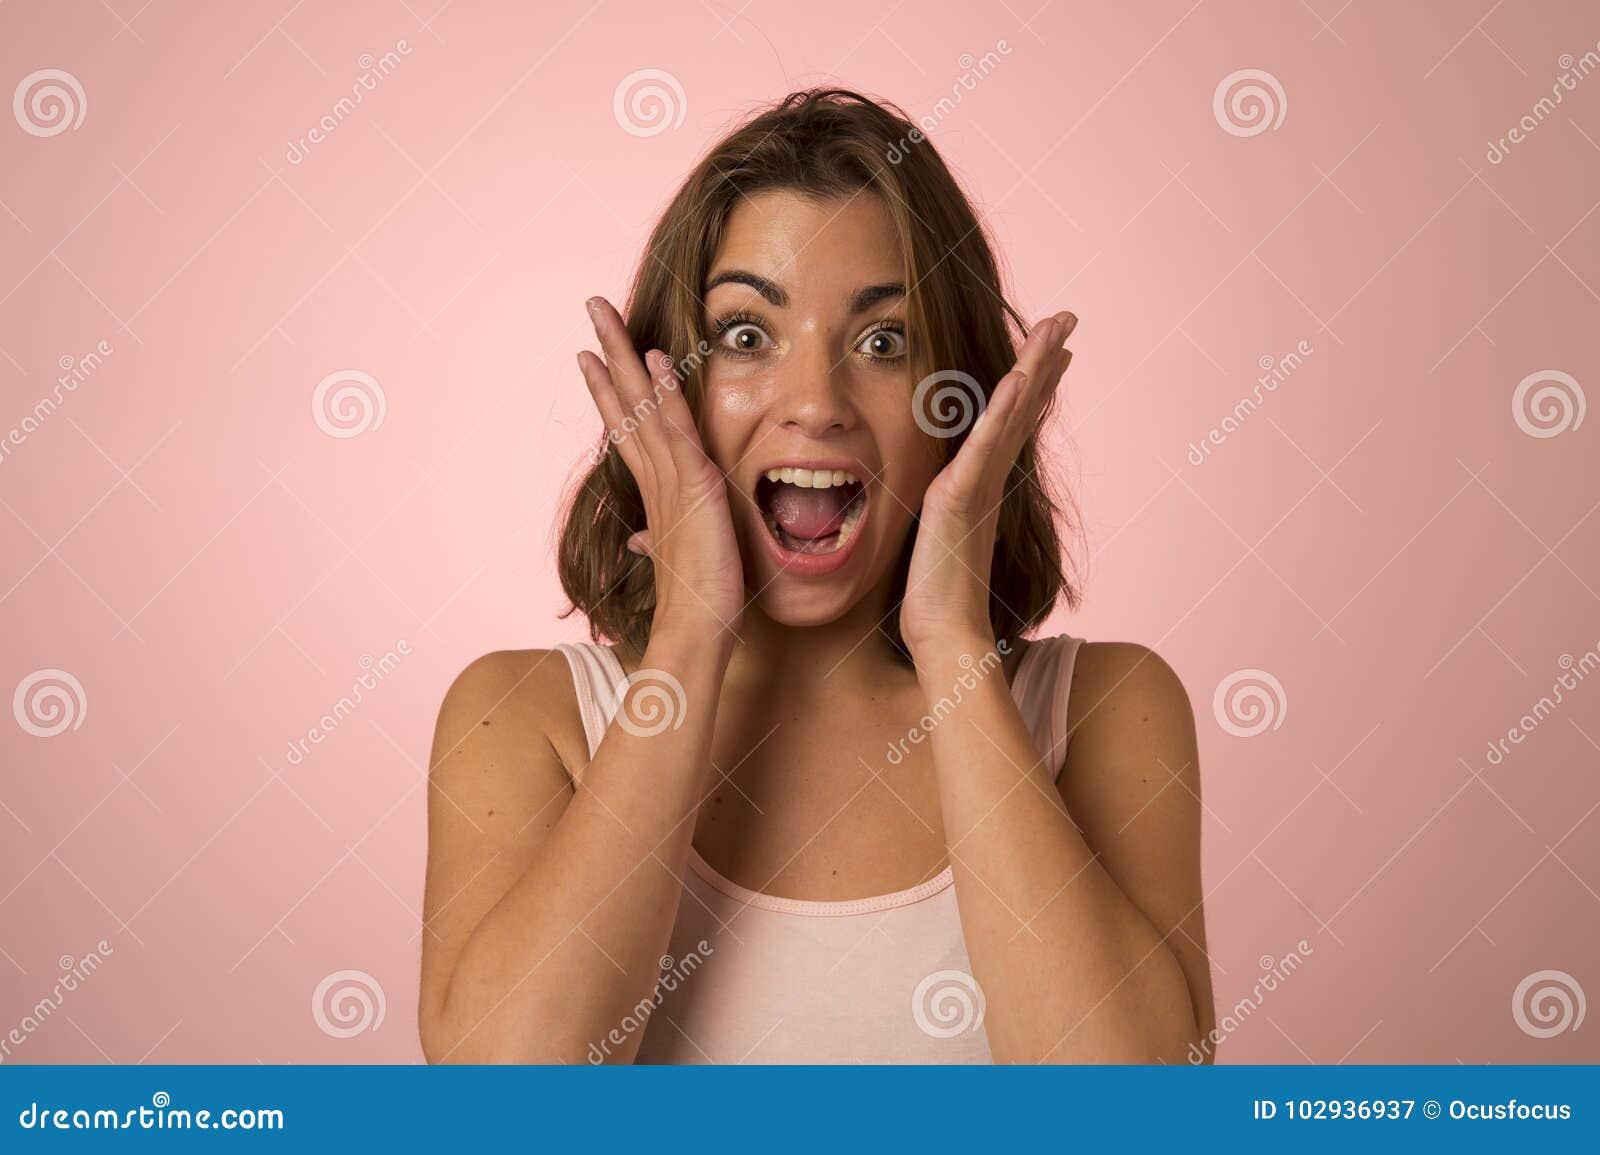 Młody atrakcyjny, piękny kobiety ono uśmiecha się i szczęśliwy w ładnym szoku i niespodziance pokazuje pozytywną twarz